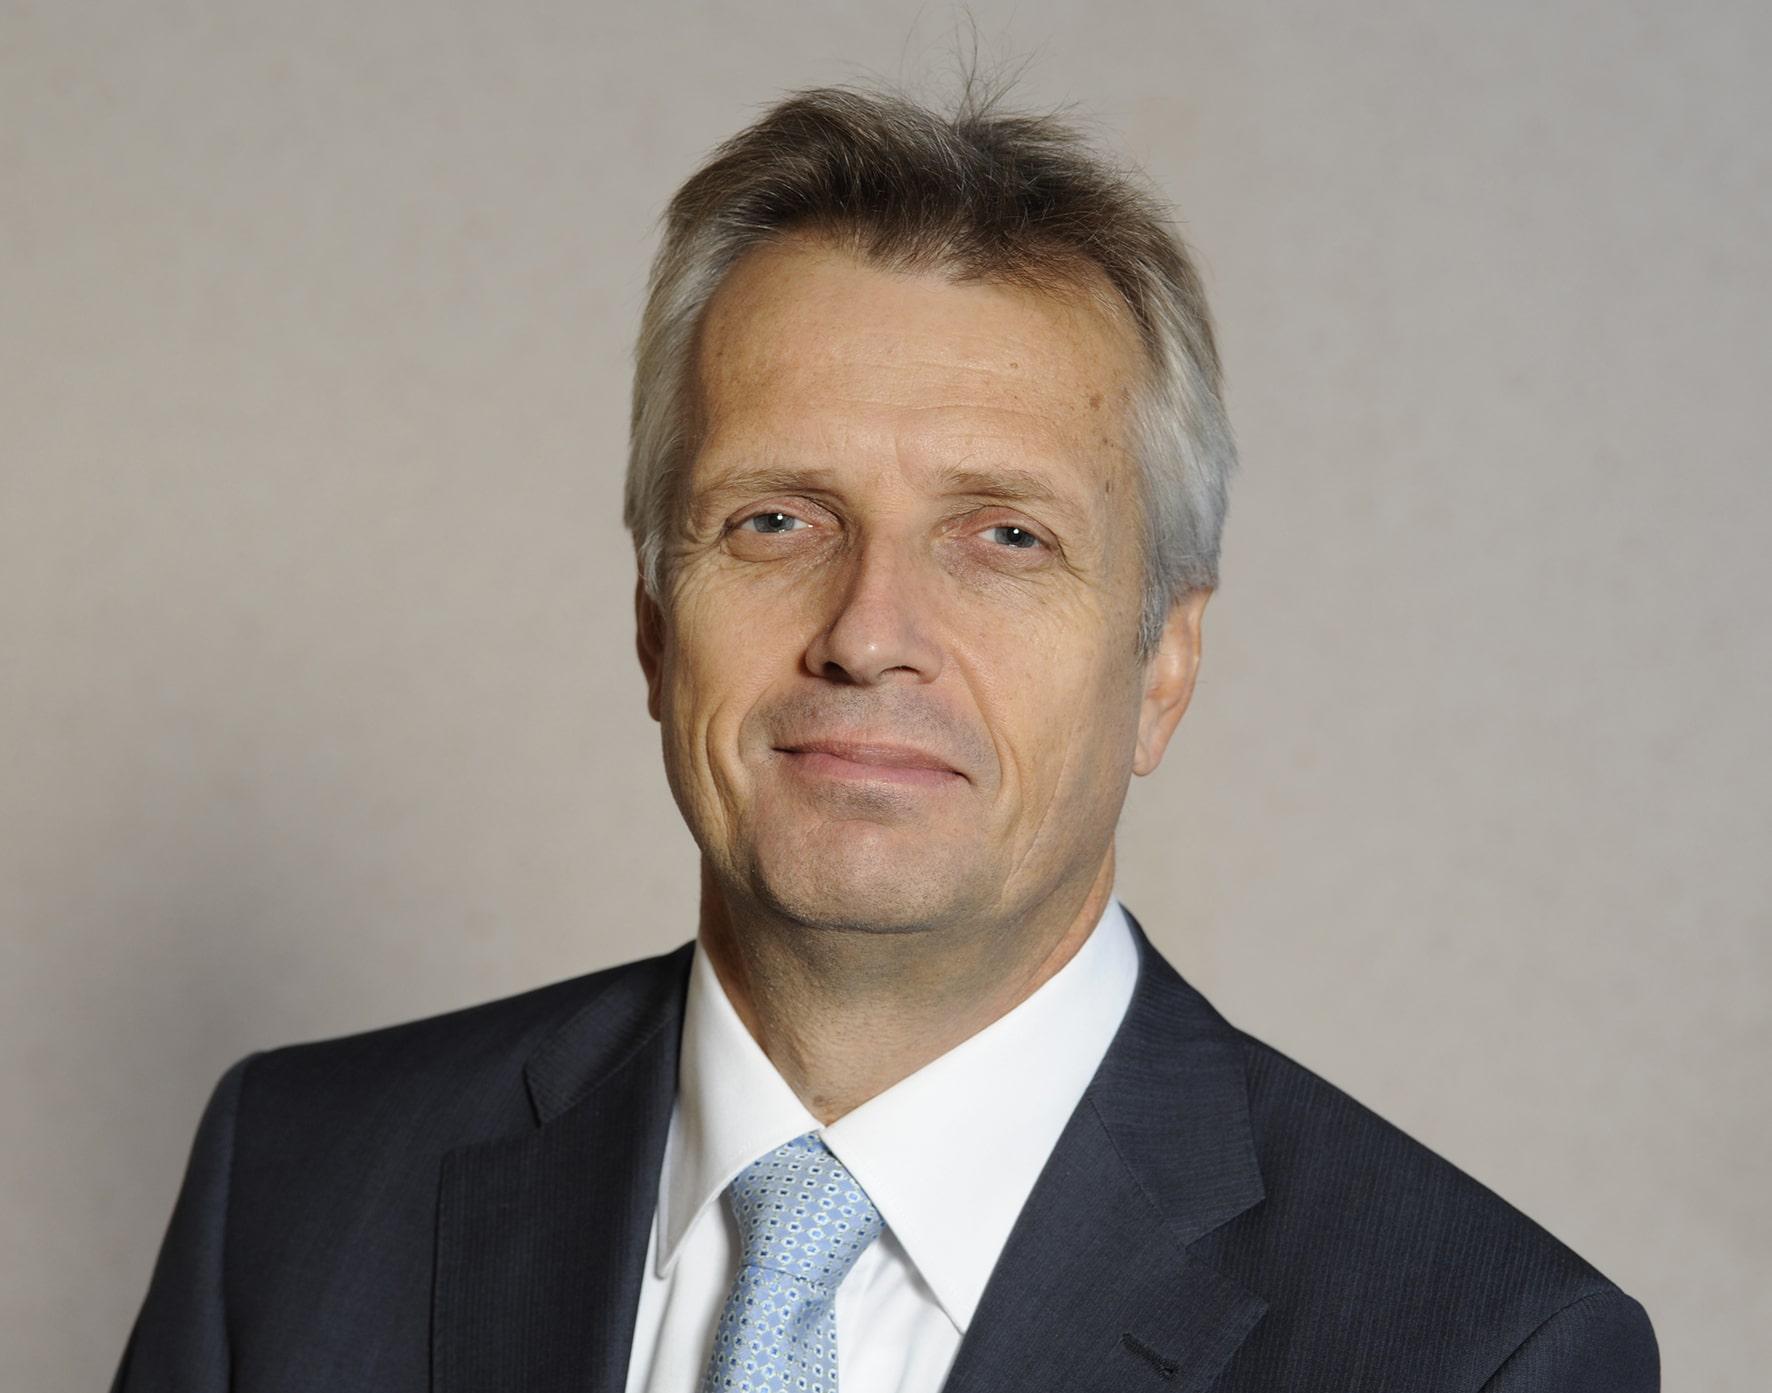 Martin Junge erhält den Preis Augsburger Friedensfest 2017